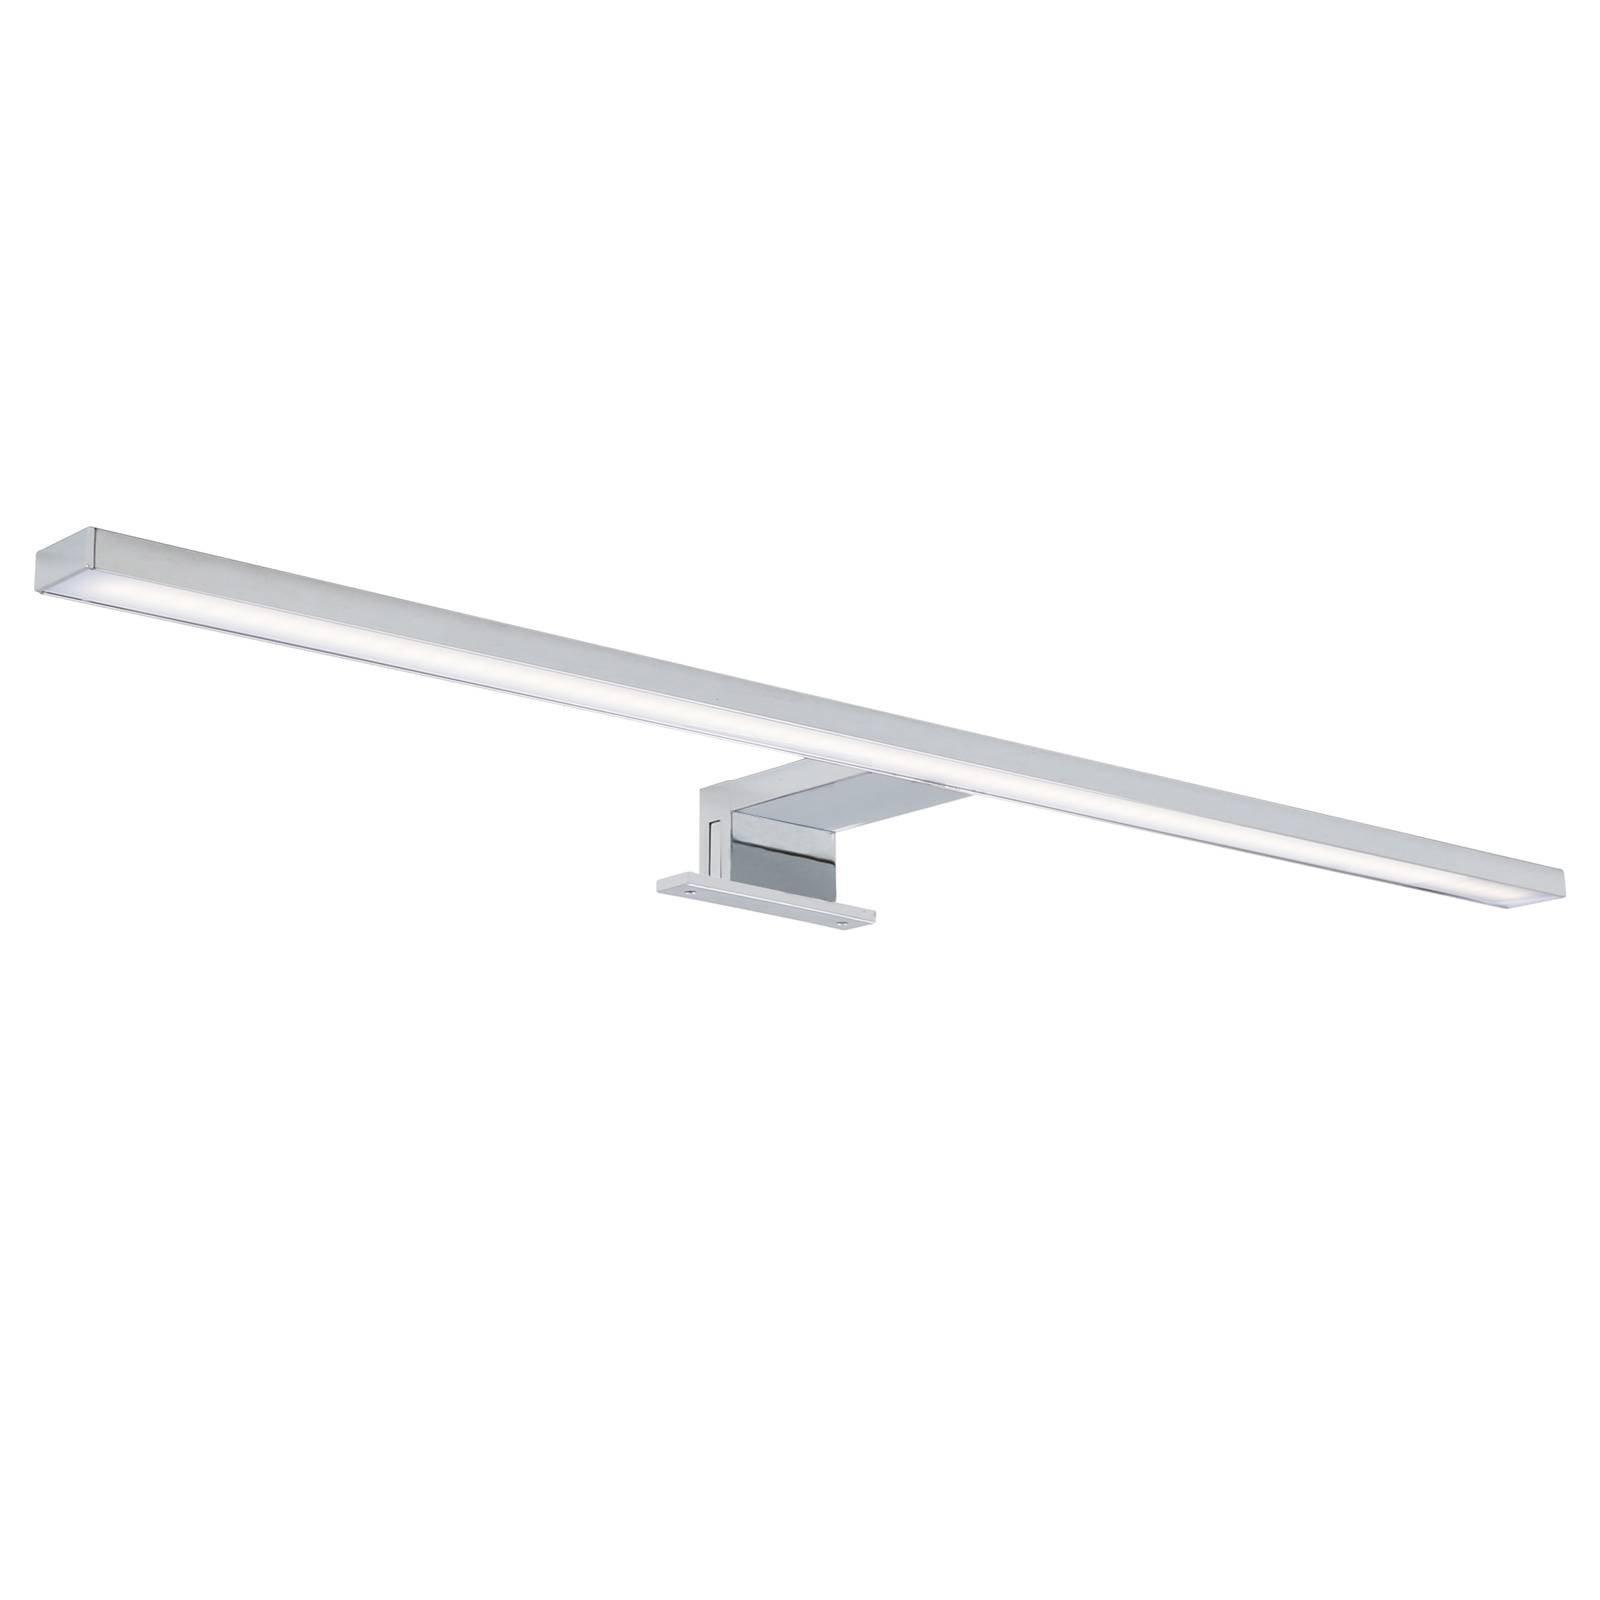 LED-speillampe 2104 60 cm